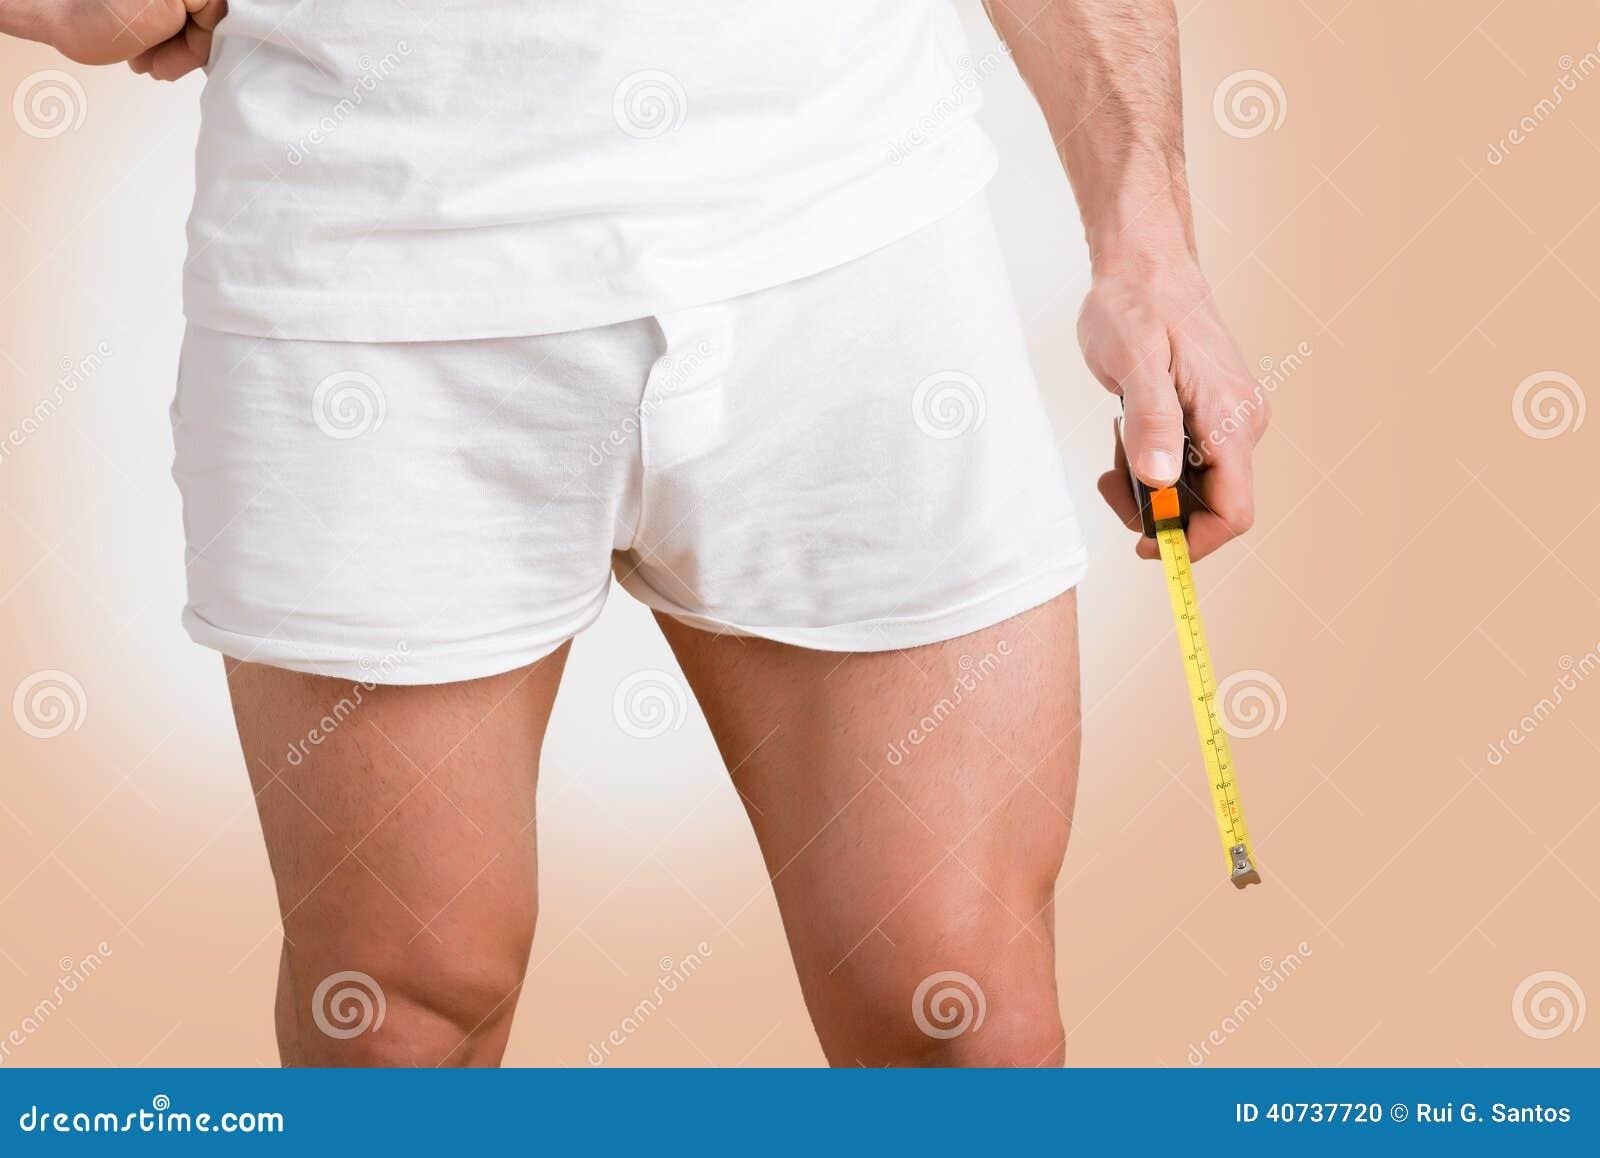 Darmowe zdjęcie dużego penisa